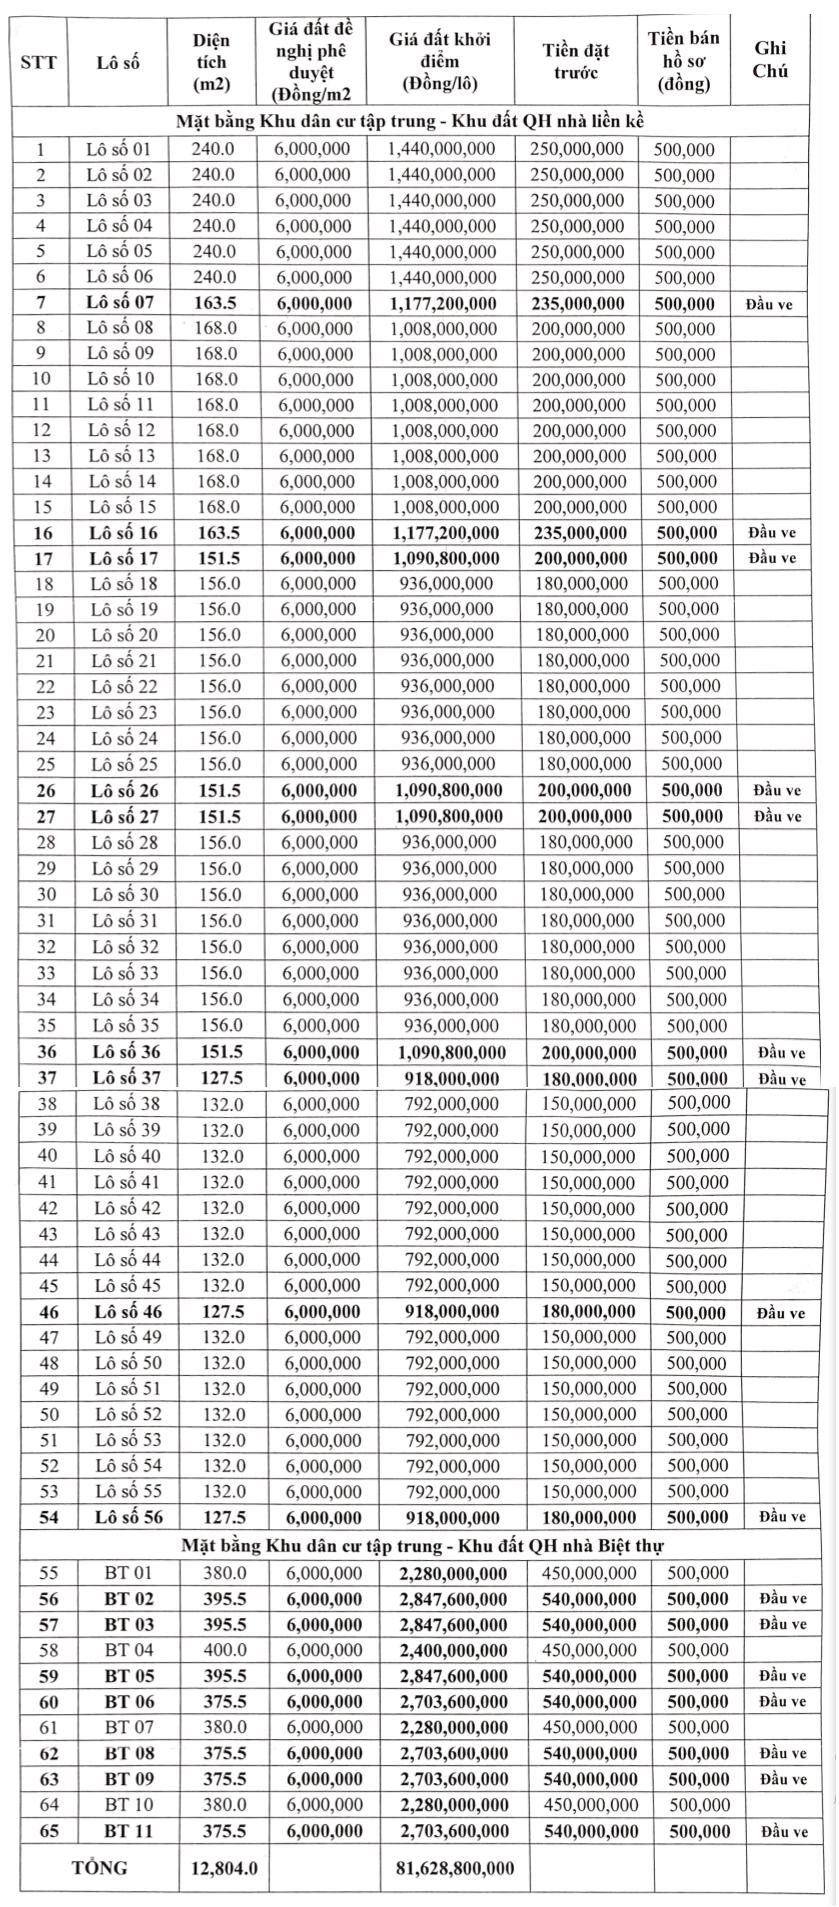 Hậu Lộc, Thanh Hóa sắp đấu giá 81 lô đất, khởi điểm từ 787 triệu đồng/lô - Ảnh 1.